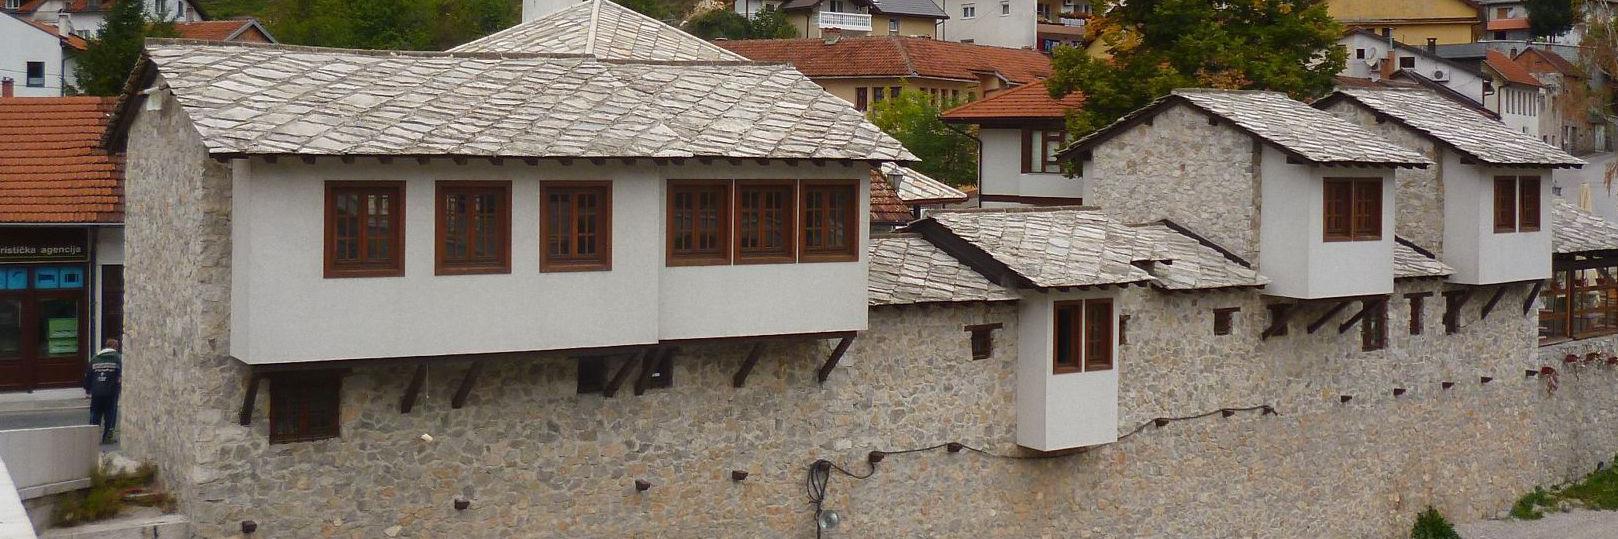 Старая чаршия в Конице. Фото: Елена Арсениевич, CC BY-SA 3.0